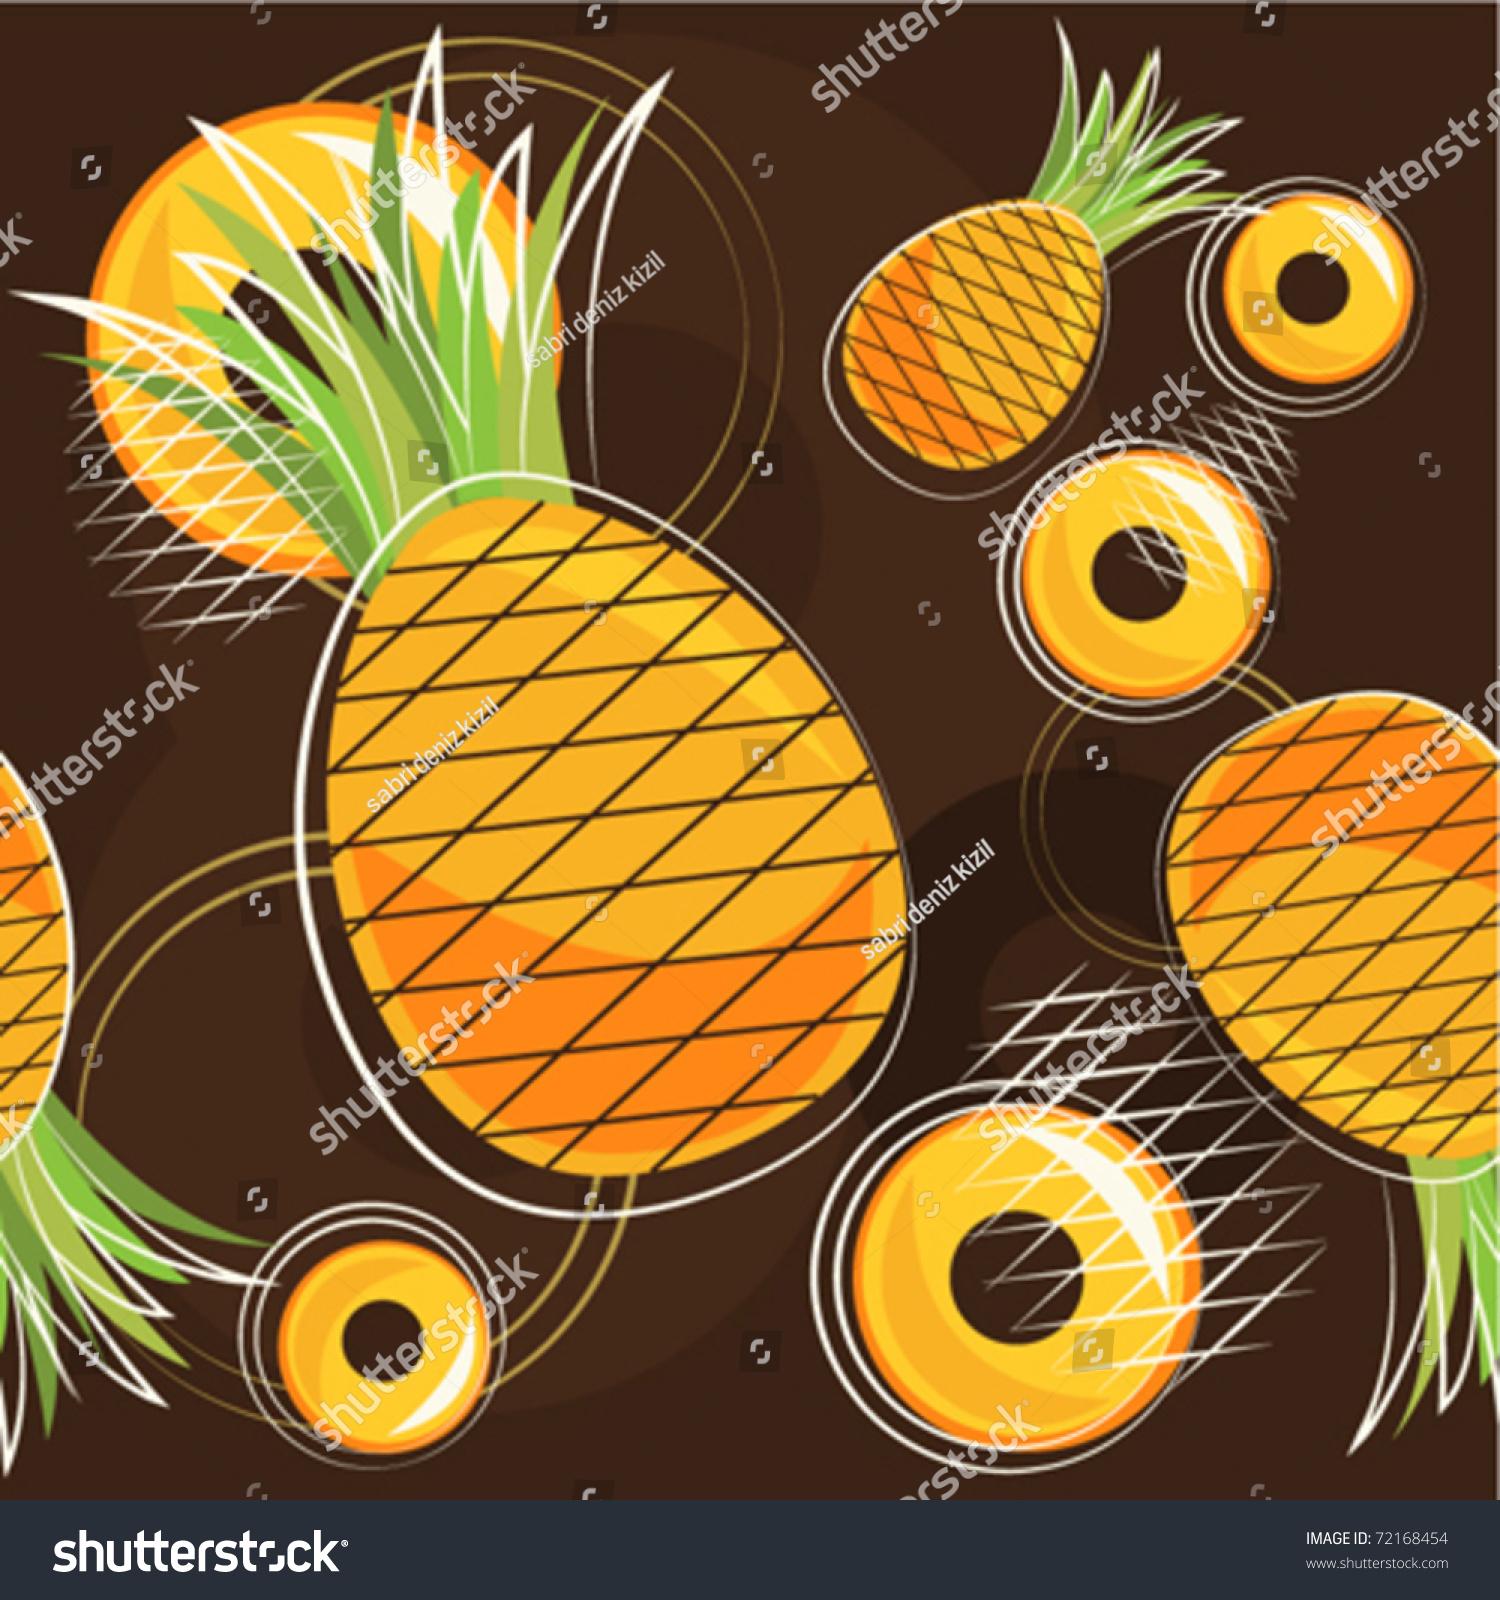 矢量模式的菠萝-食品及饮料